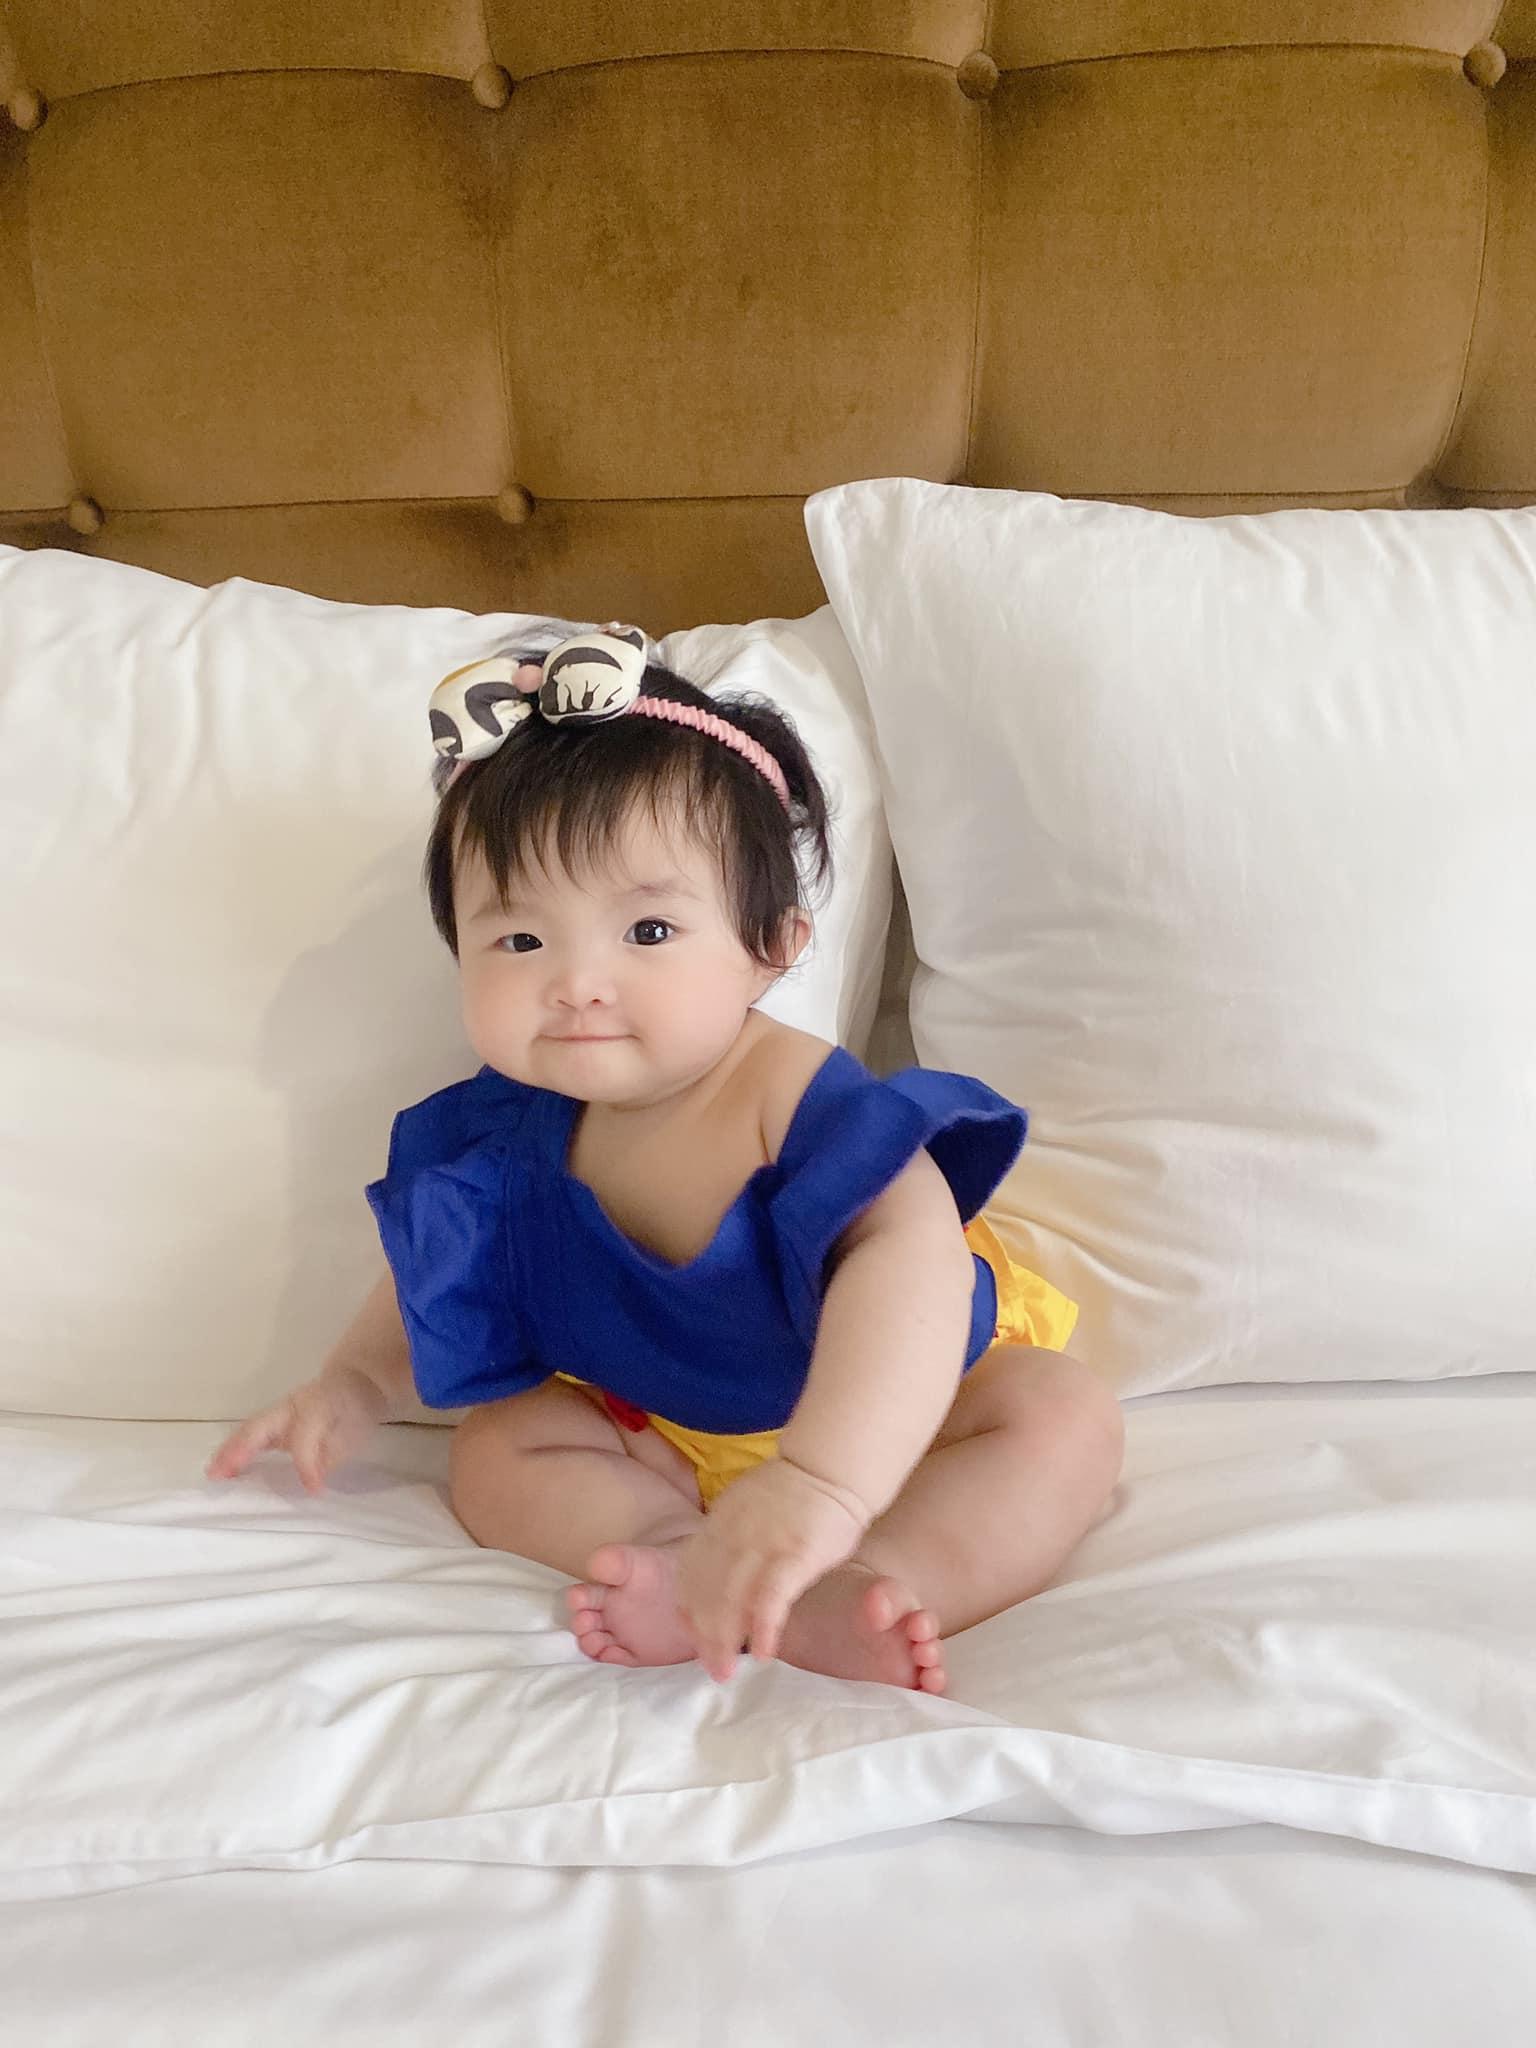 Netizen tranh cãi concept chụp hình gia đình Đông Nhi: Bố mẹ lên xiêm y sang chảnh nhưng con gái lại mặc độc mỗi chiếc tã lẻ loi - Ảnh 9.